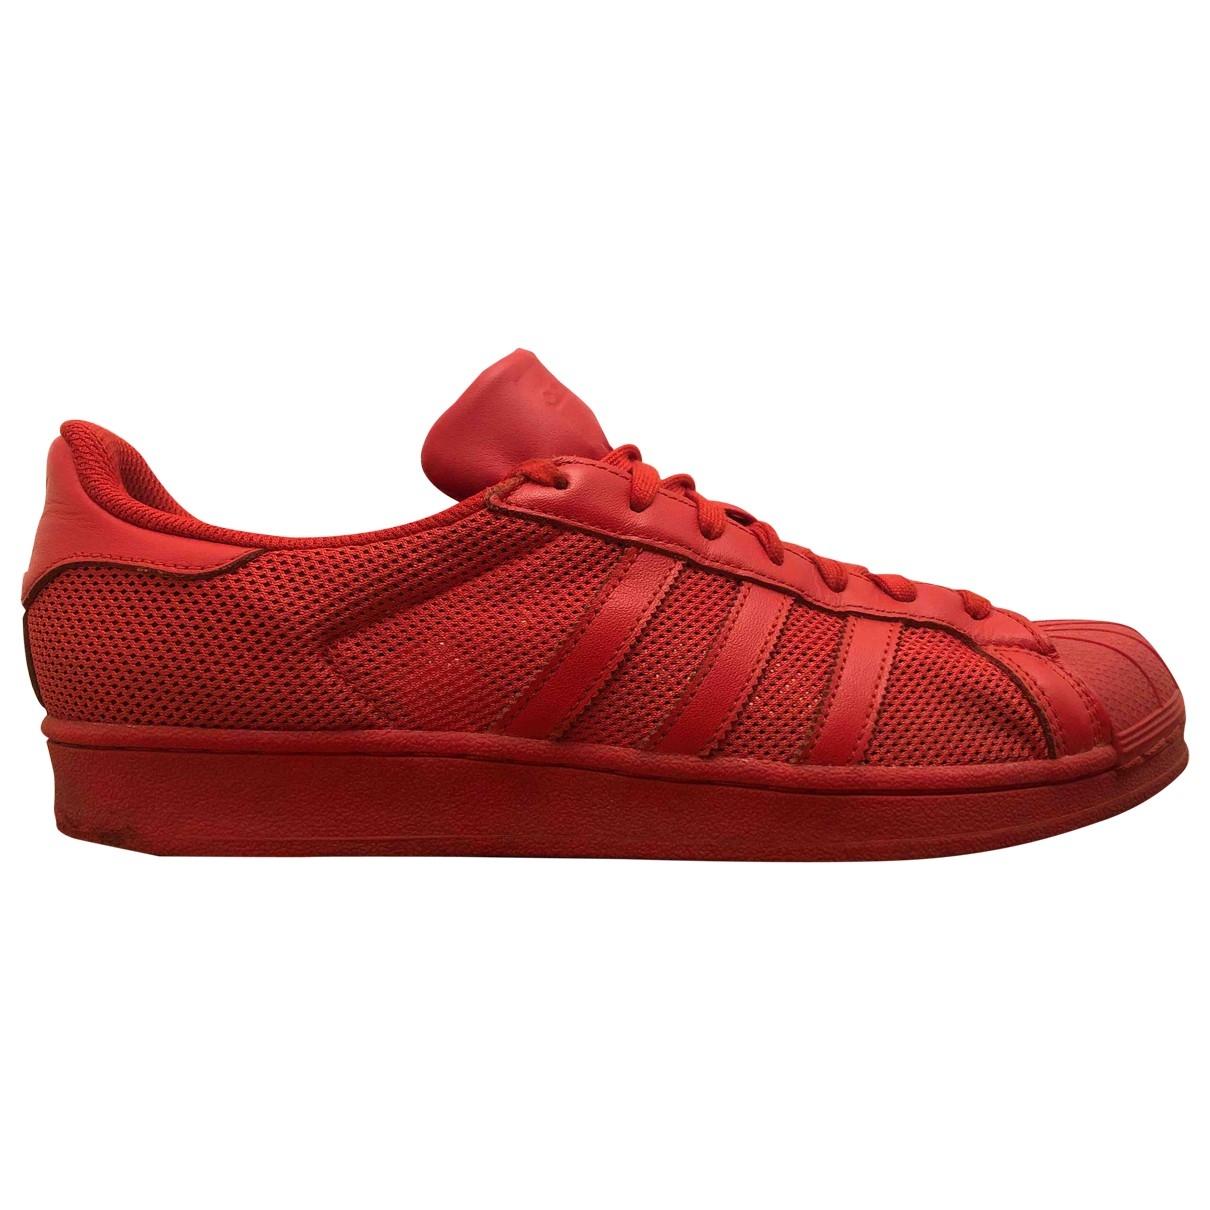 Adidas - Baskets Superstar pour homme en caoutchouc - rouge